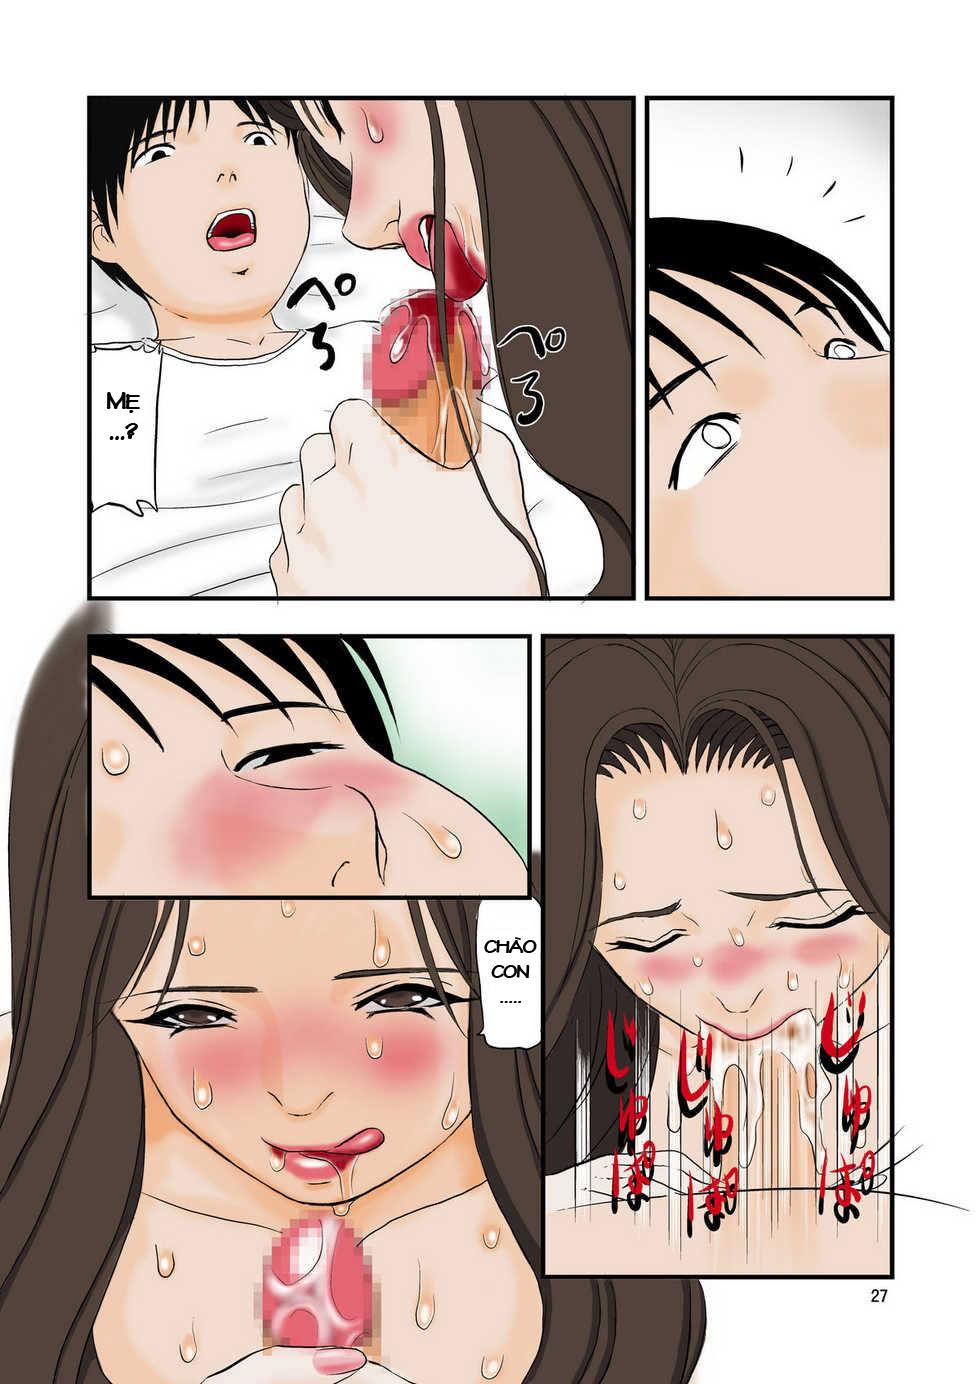 - Loạn luân Lời thỉnh cầu của con trai - Truyện Hentai